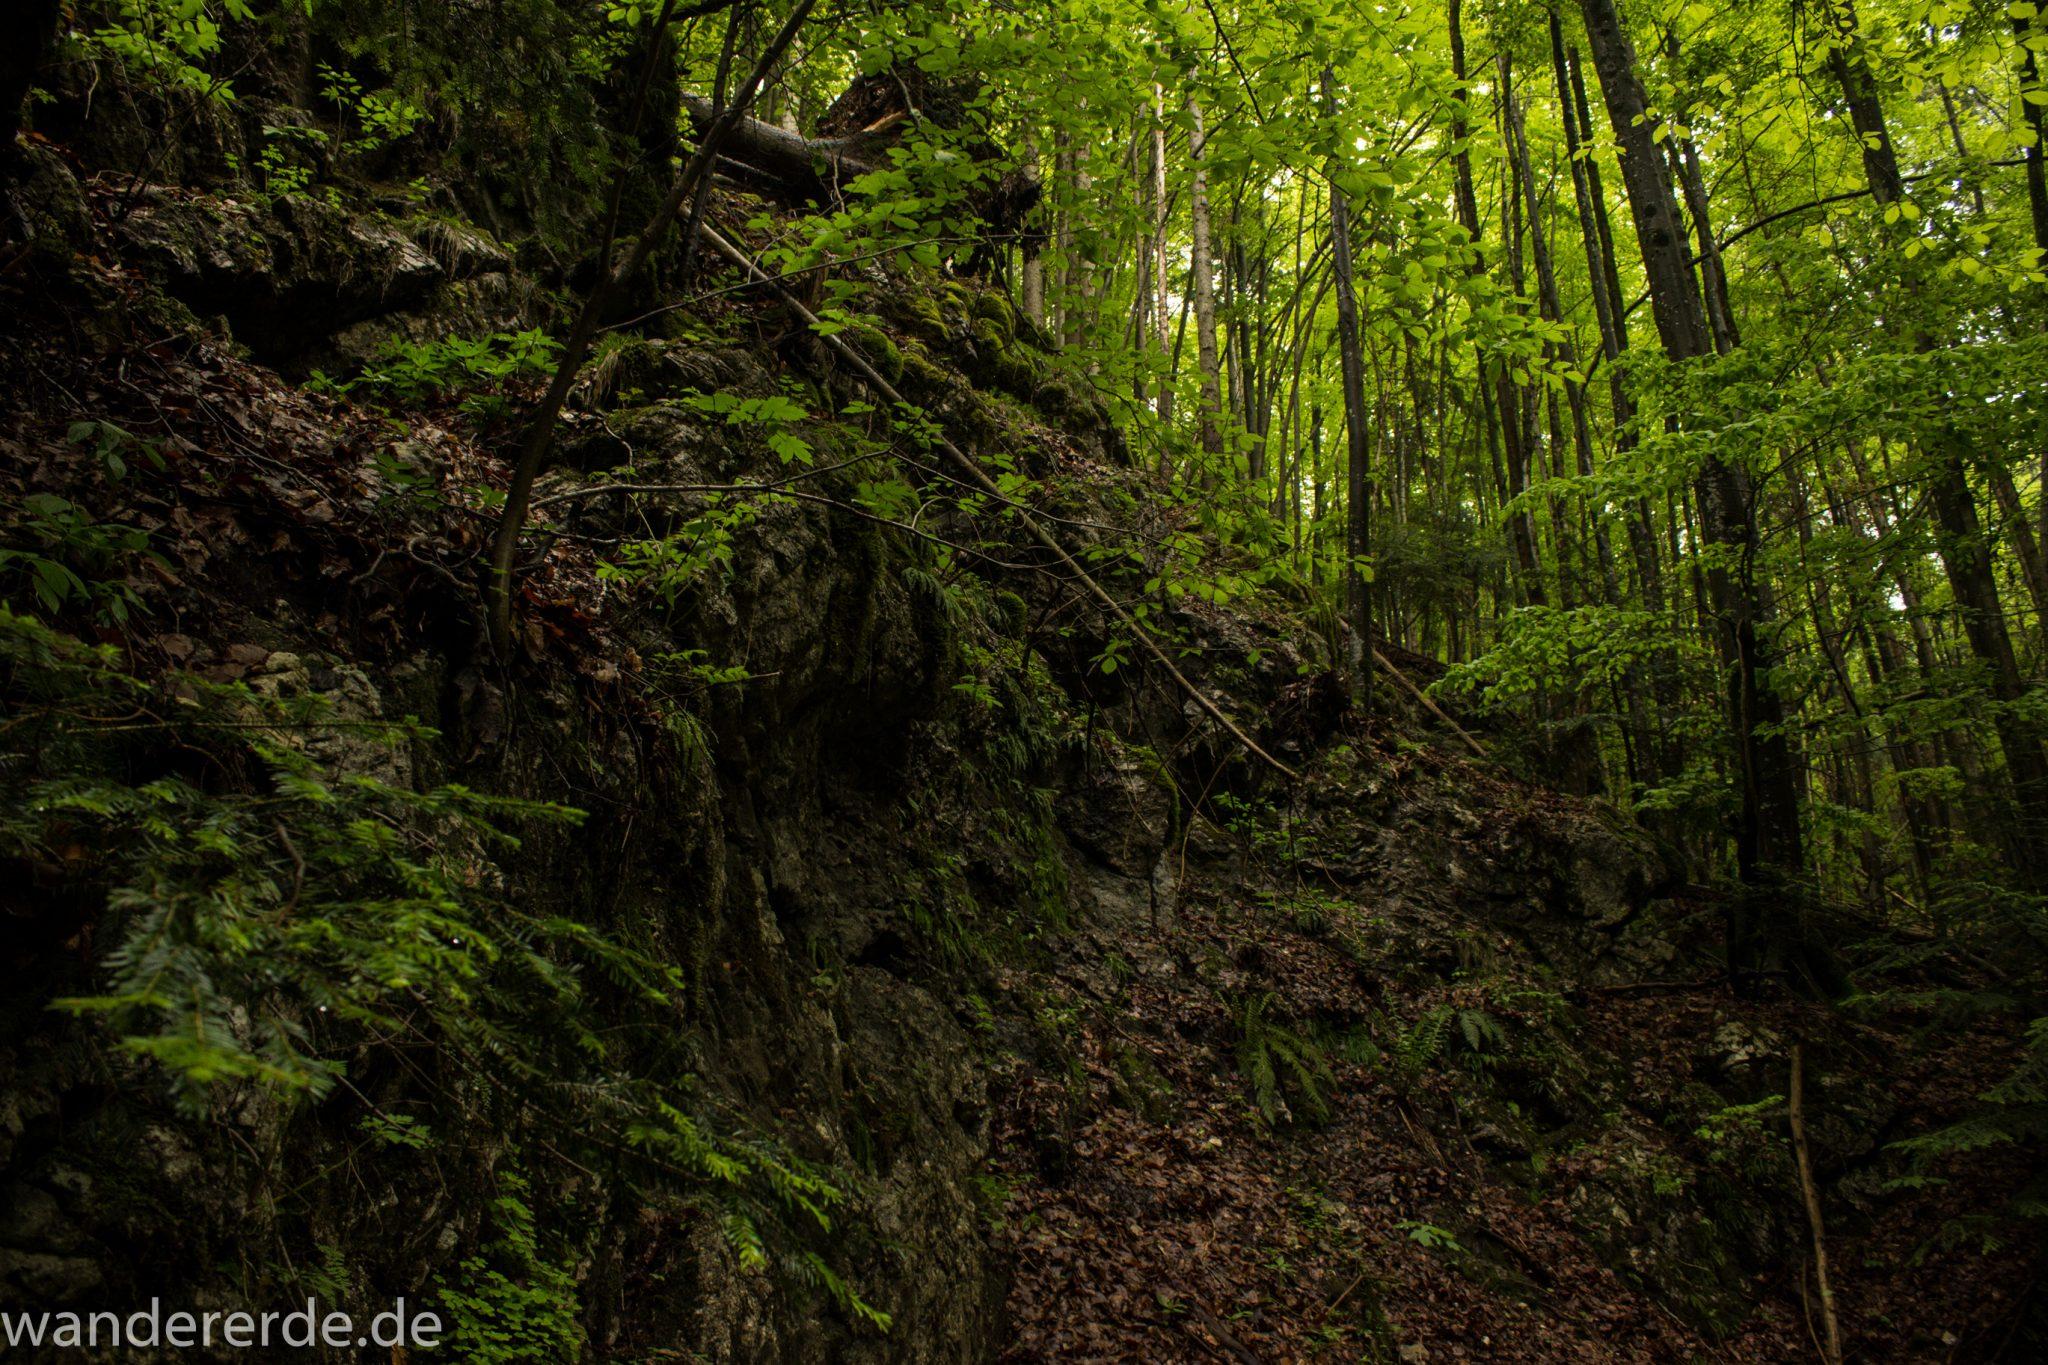 Wanderung beim Alpsee bei Hohenschwangau, schöner schmaler Wanderweg durch Laubwald und Nadelwald, Frühling in Bayern, alte Bäume werden liegen gelassen, große Felsen am Wegrand